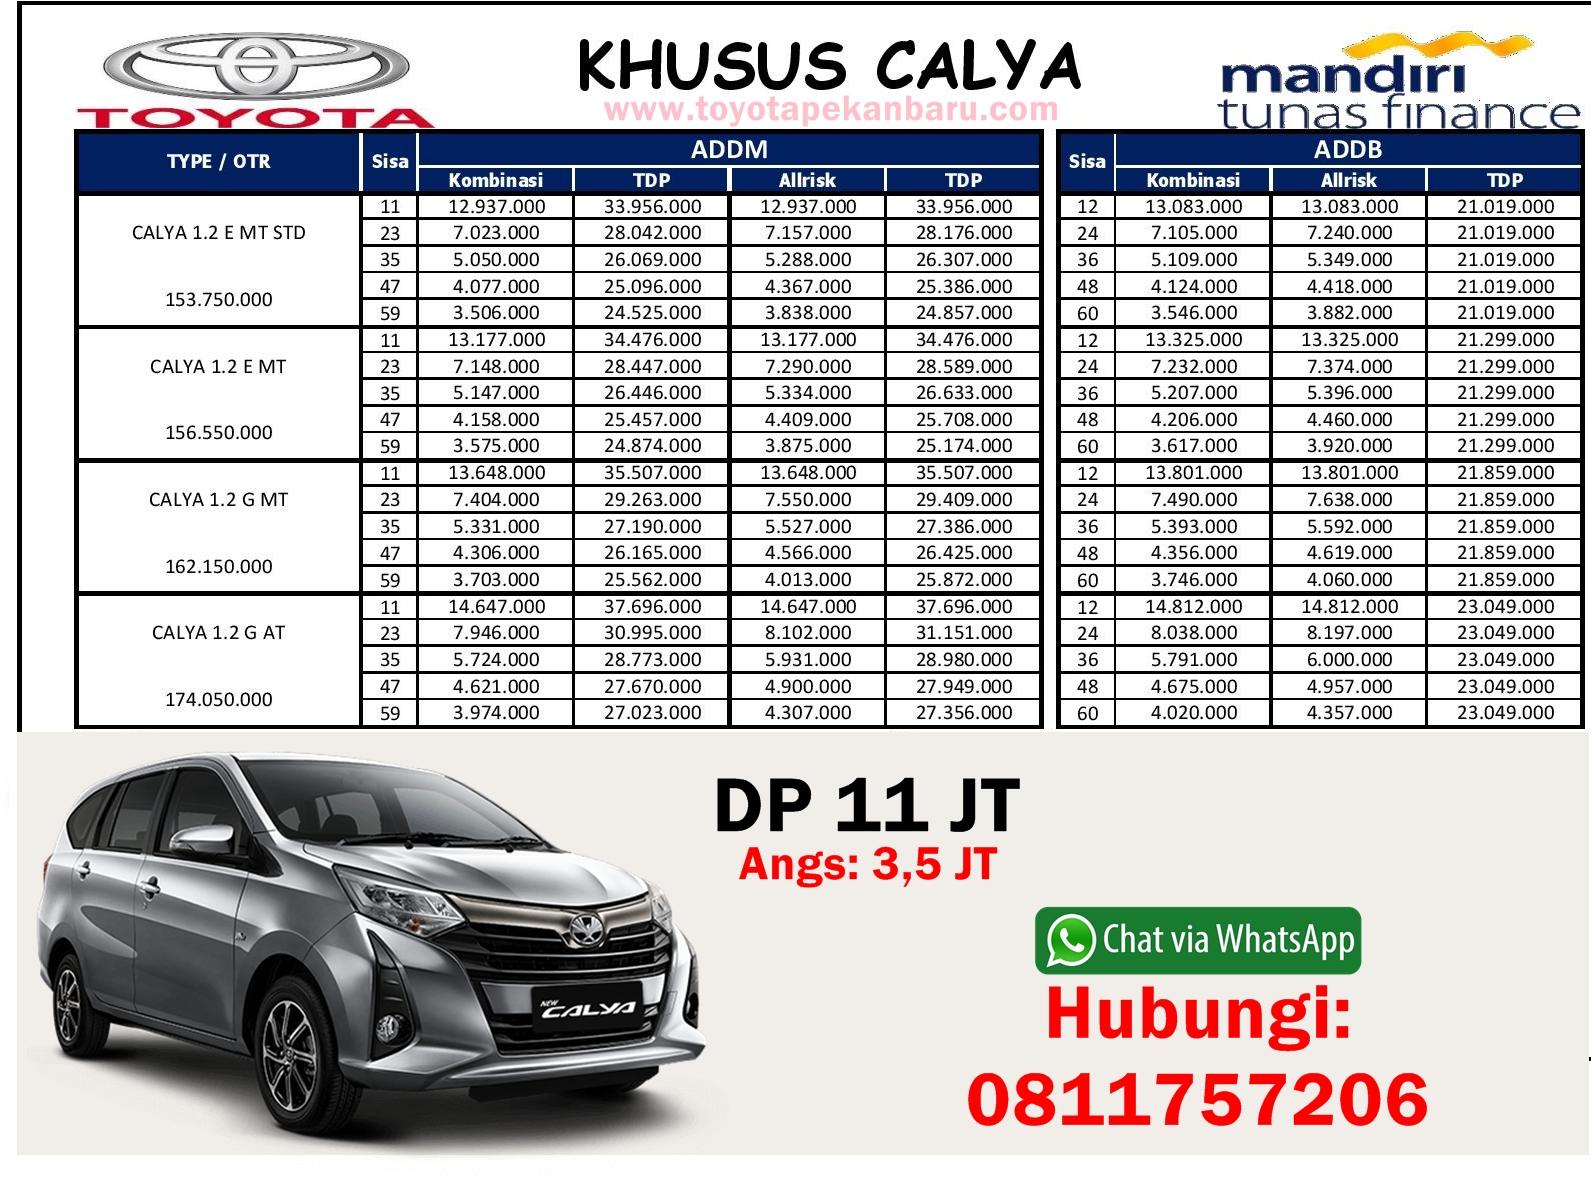 Kelebihan Kekurangan Harga Kredit Toyota Calya Perbandingan Harga